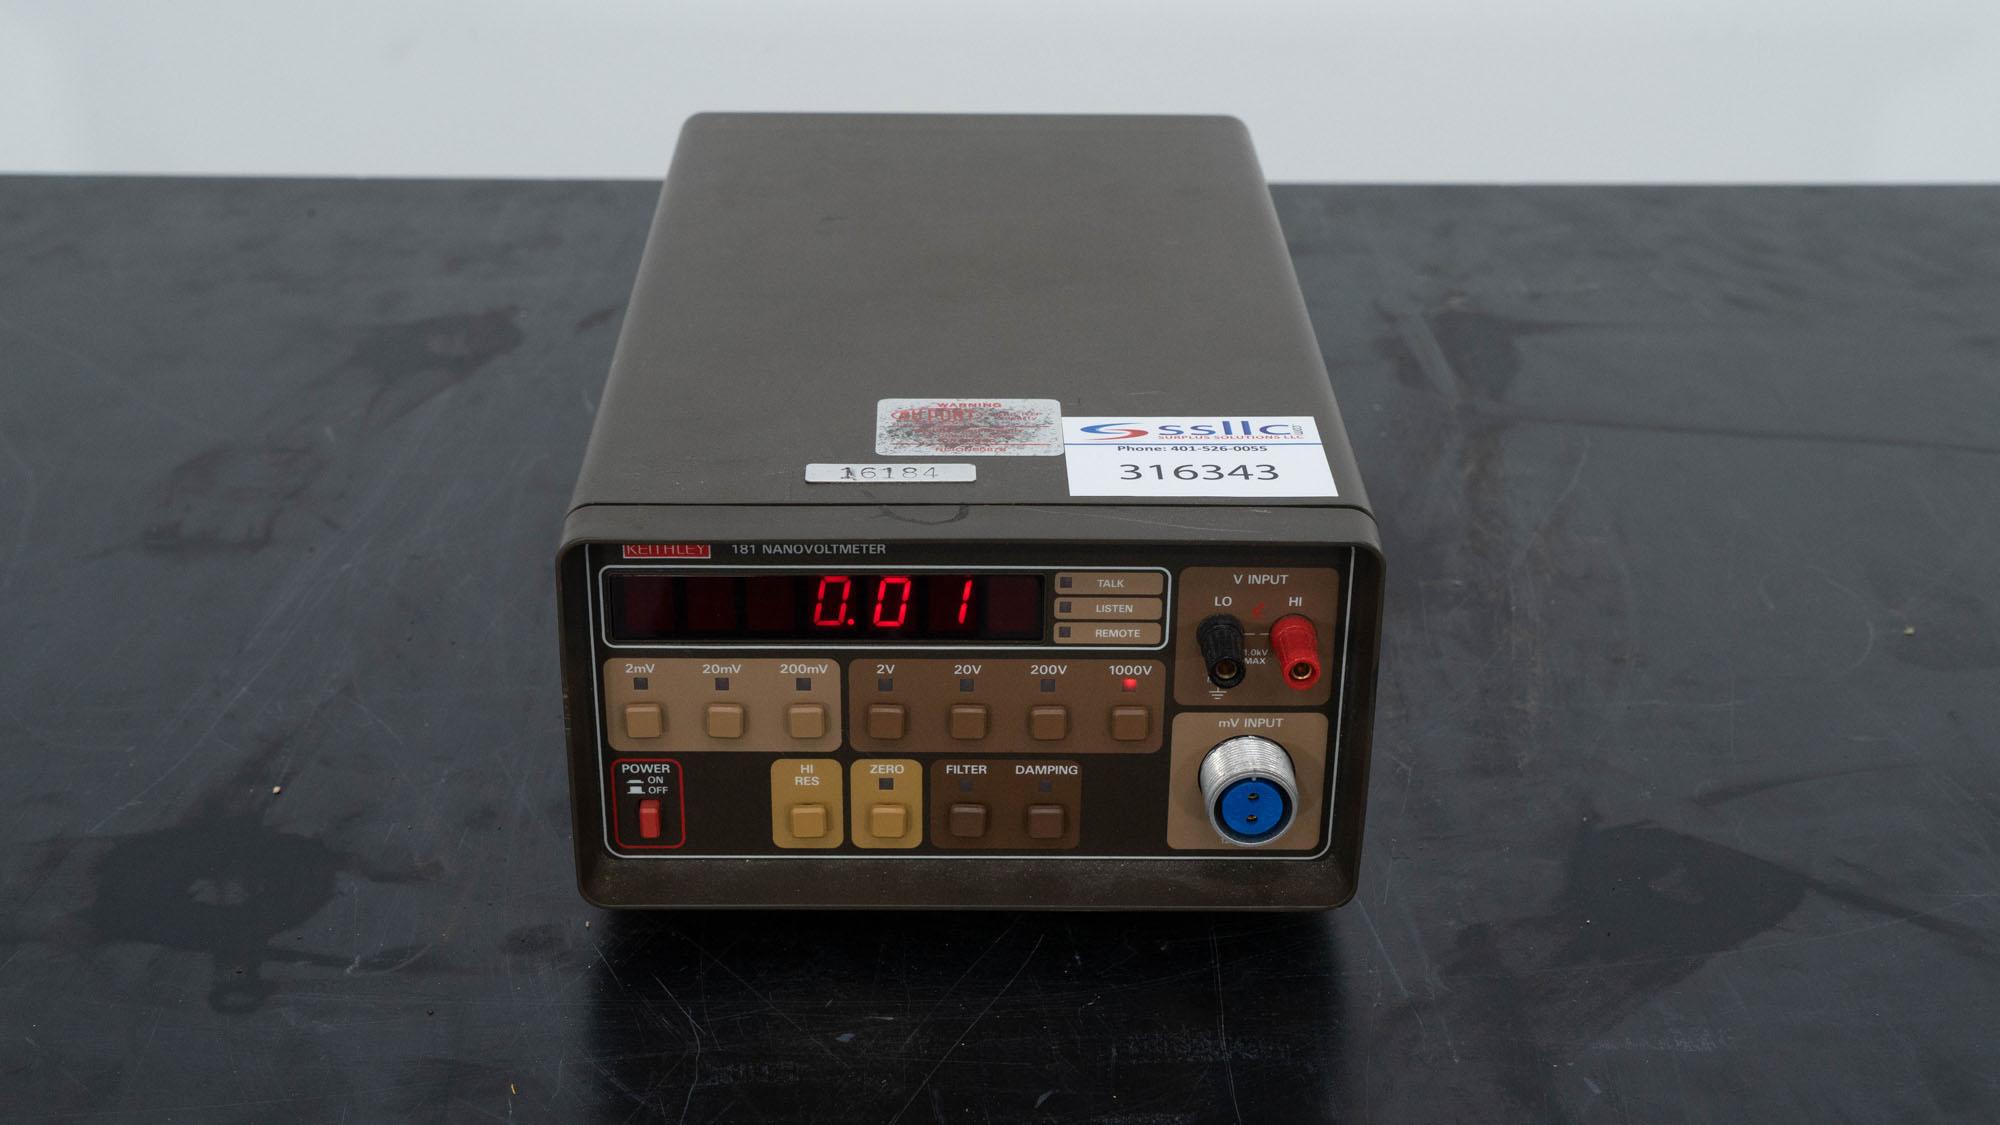 Keithley Nanaovoltmeter, Model 181